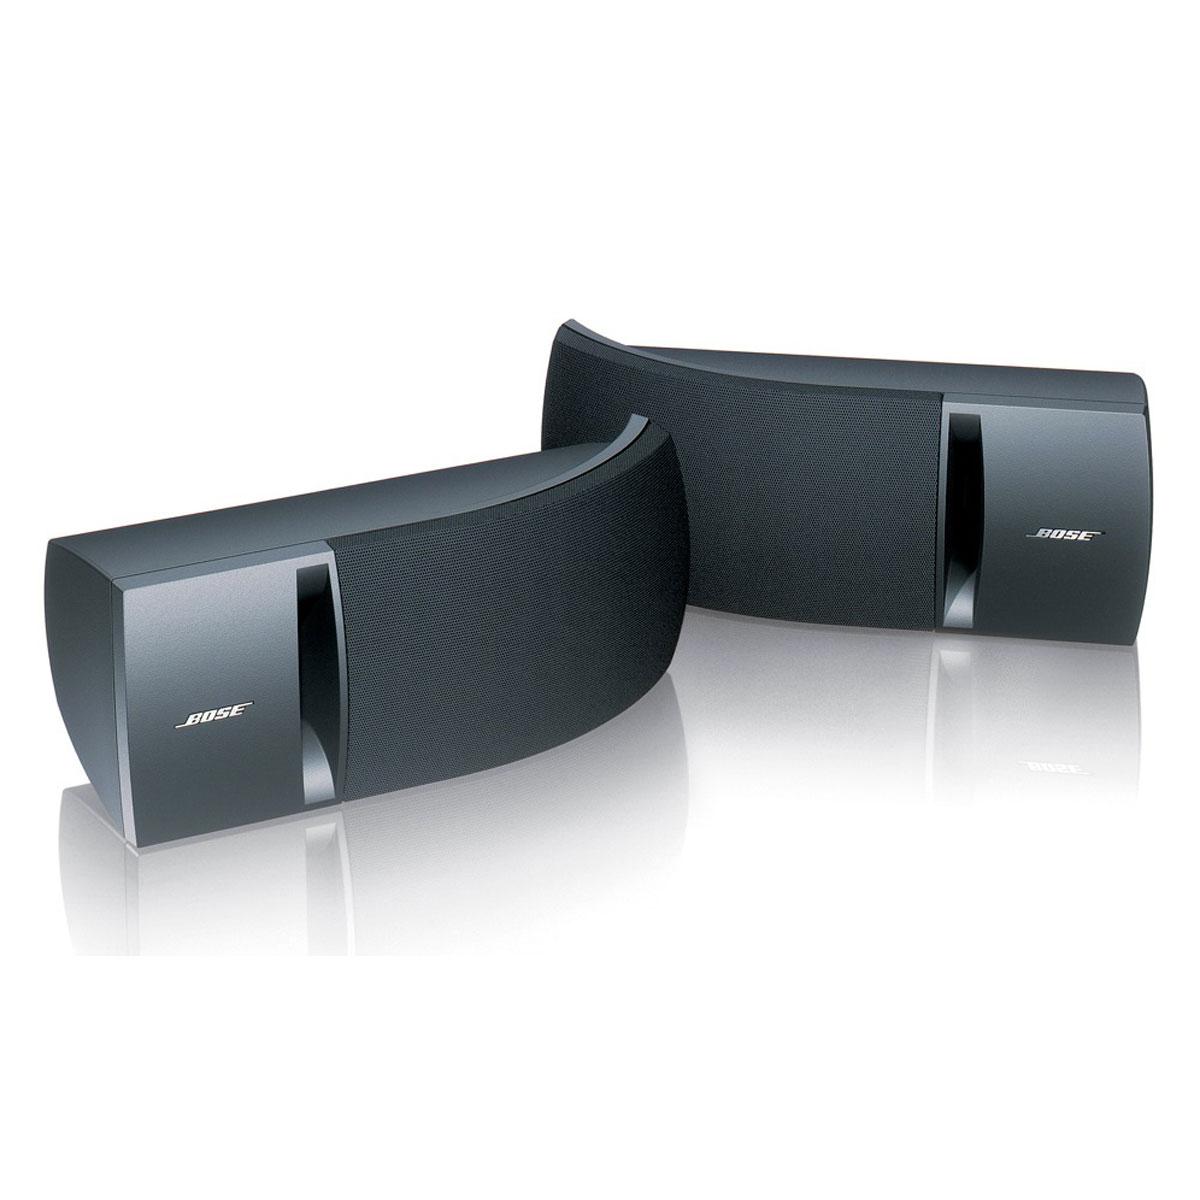 Enceintes Hifi Bose 161 Noir Enceinte compacte stéréo (par paire)